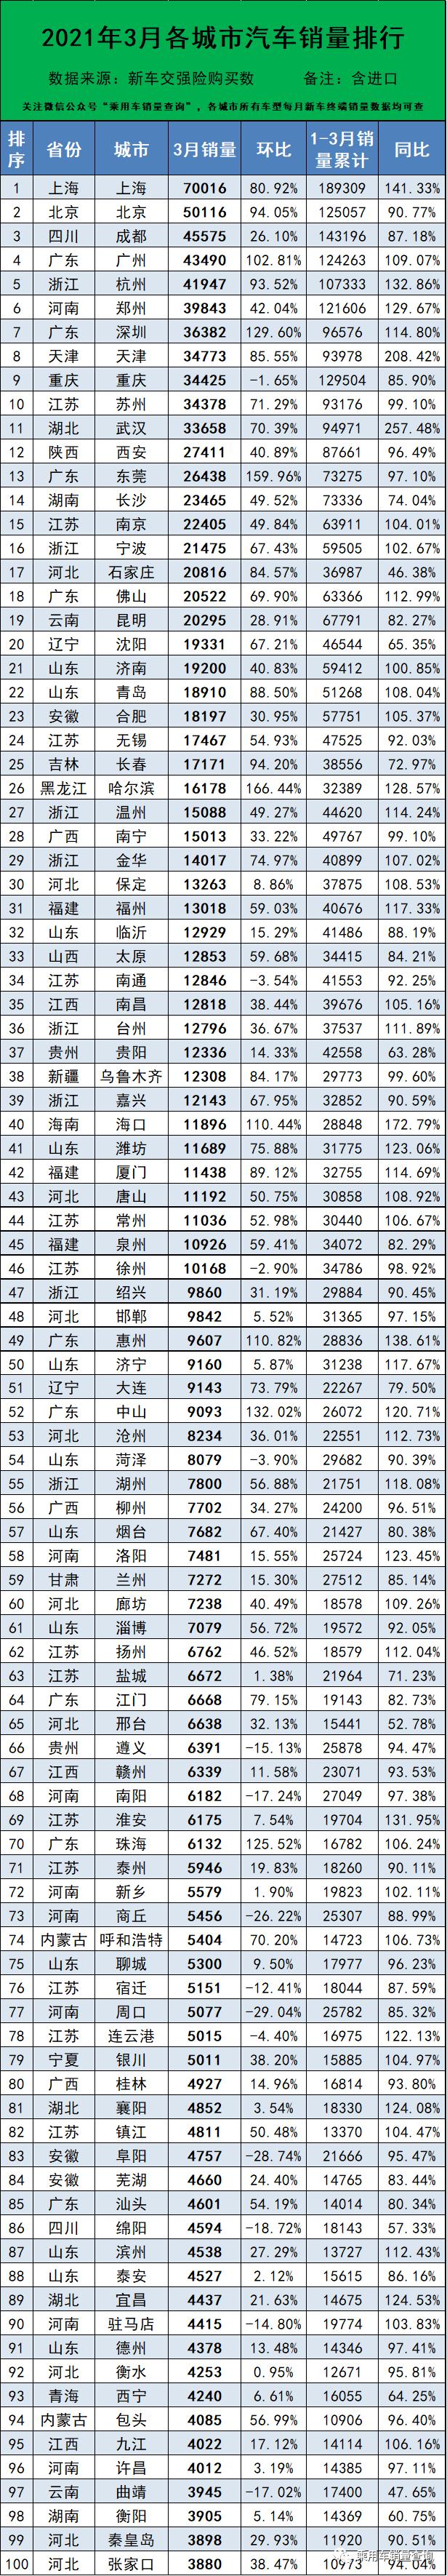 热销车排行_原创全球最畅销SUV排行榜!哈弗H6成唯一上榜国产车,日系车占一半